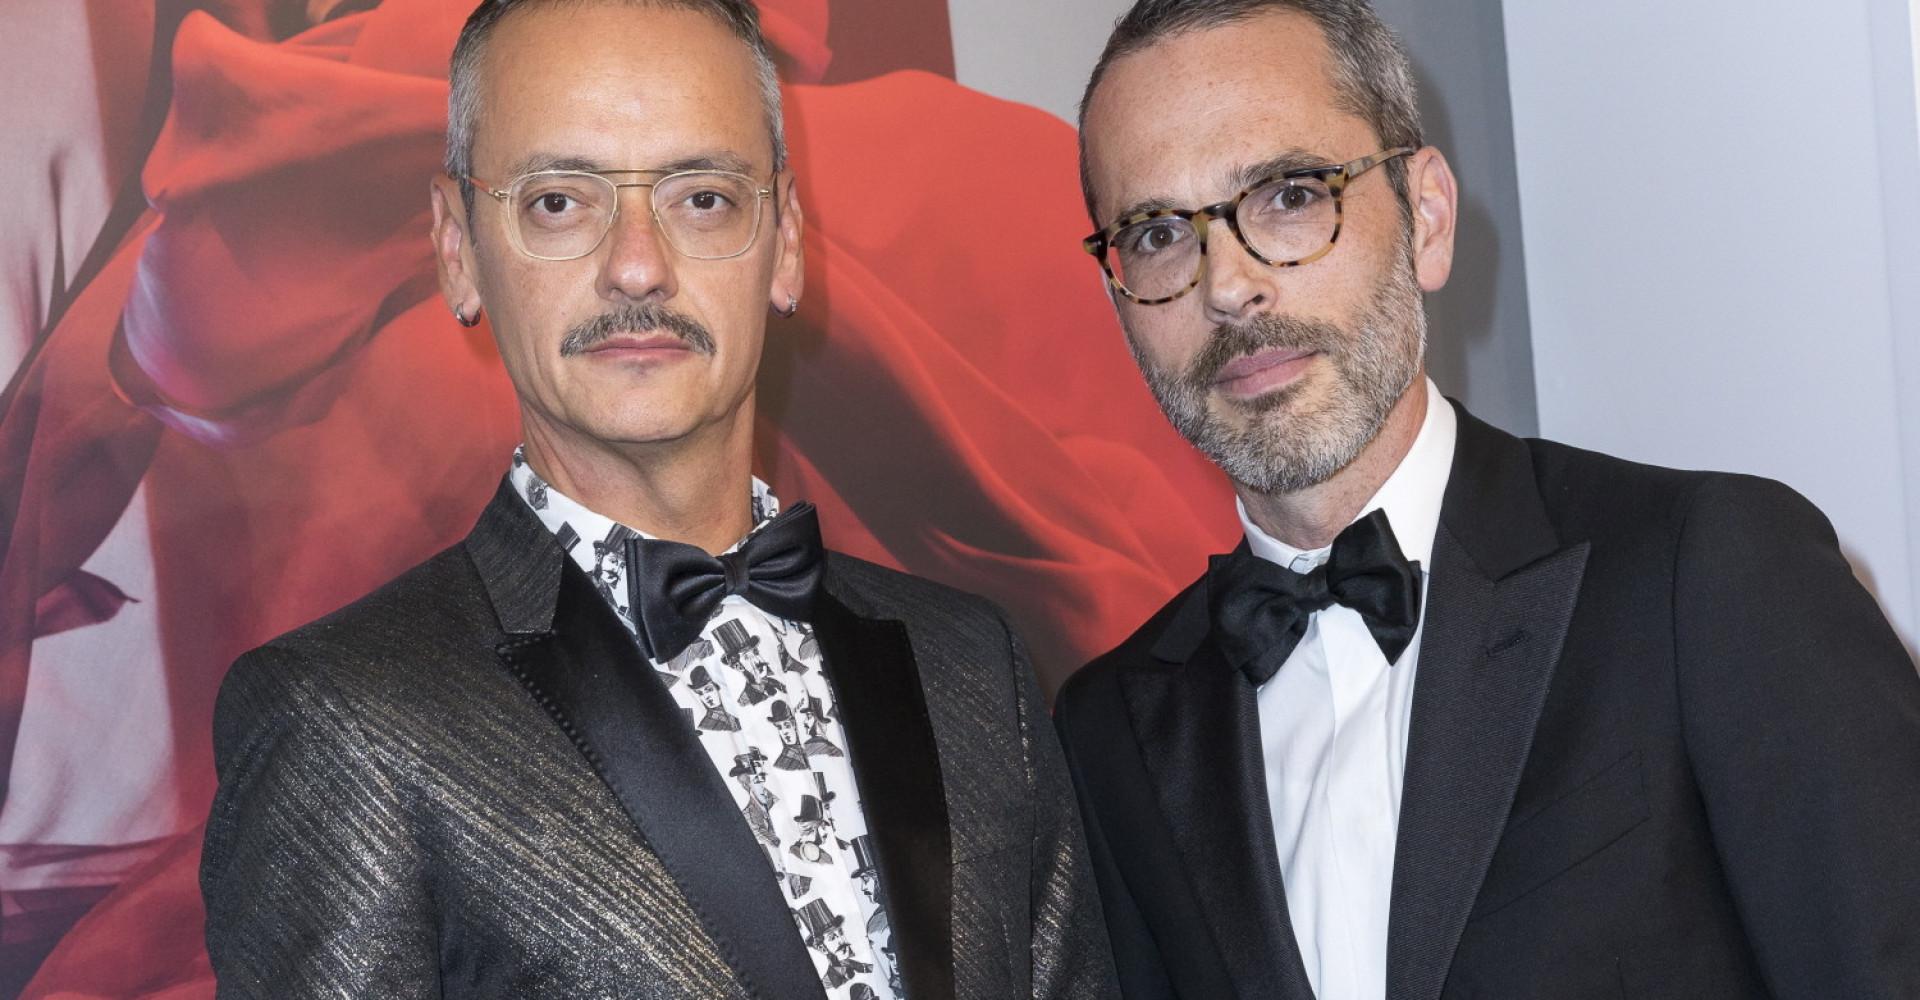 Viktor & Rolf vieren hun 25-jarige jubileum groots